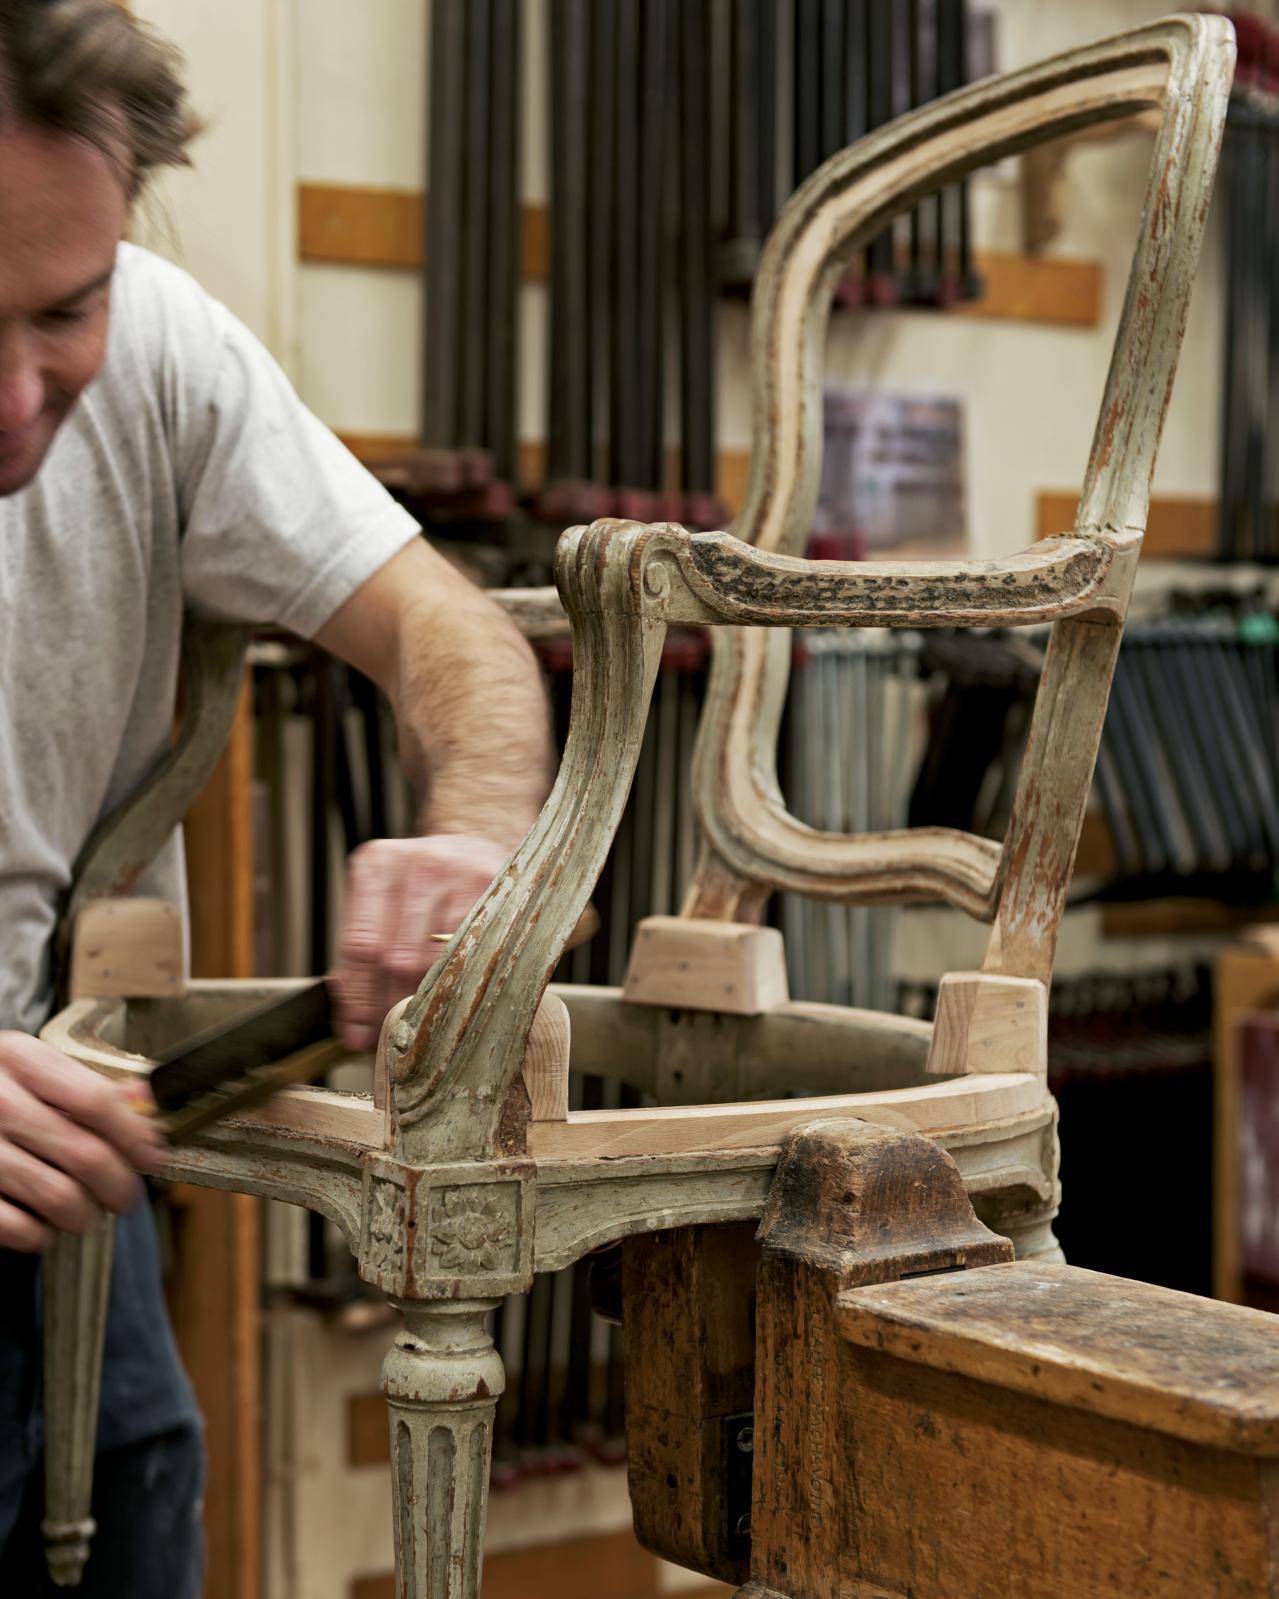 L'atelier Menuiserie en sièges. © Vincent LEROUX